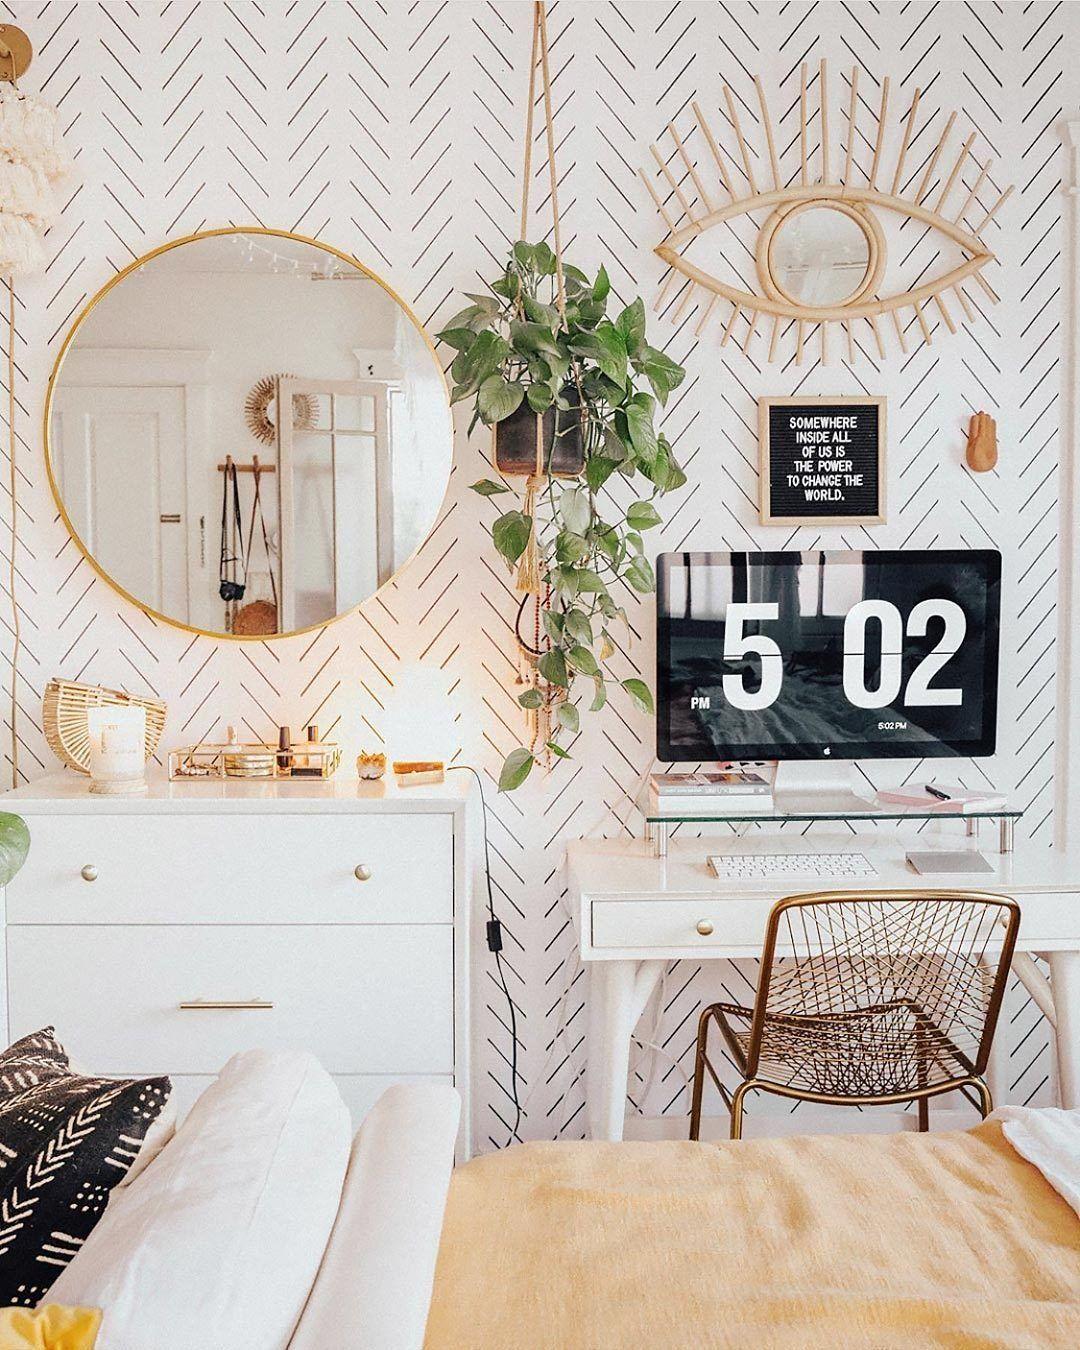 How To Decorate With Removable Wallpaper Heutig Delicate Herringbone Konzept Zimmer Gestalten Zimmer Einrichten Jugendzimmer Diy Zimmer Gestalten